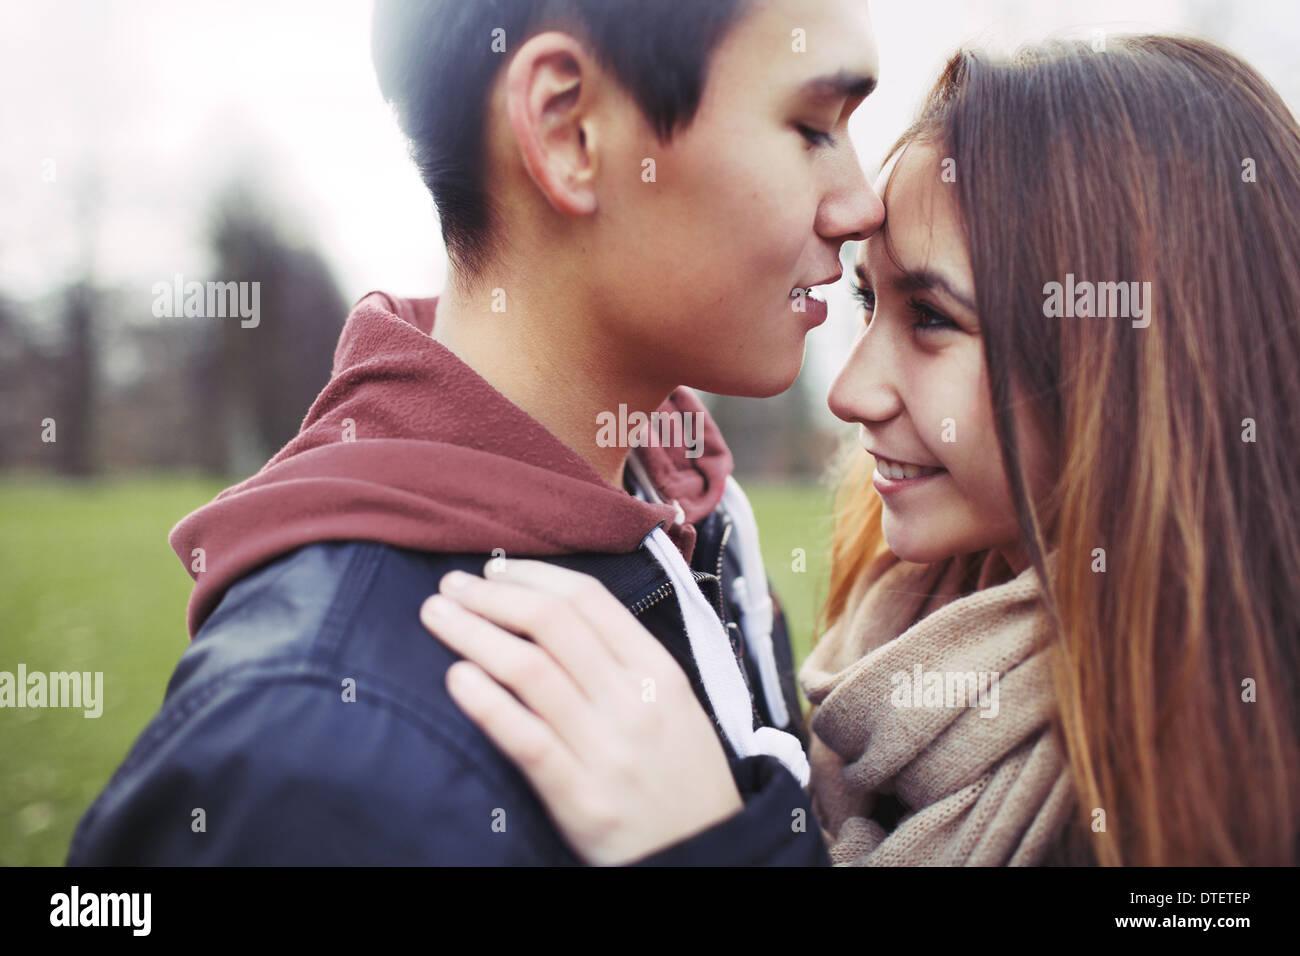 Schließen Sie herauf Bild der süße junge Paar in Liebe zusammen im Park. Asiatische Teenager-paar romantische Zeit miteinander zu verbringen. Stockfoto